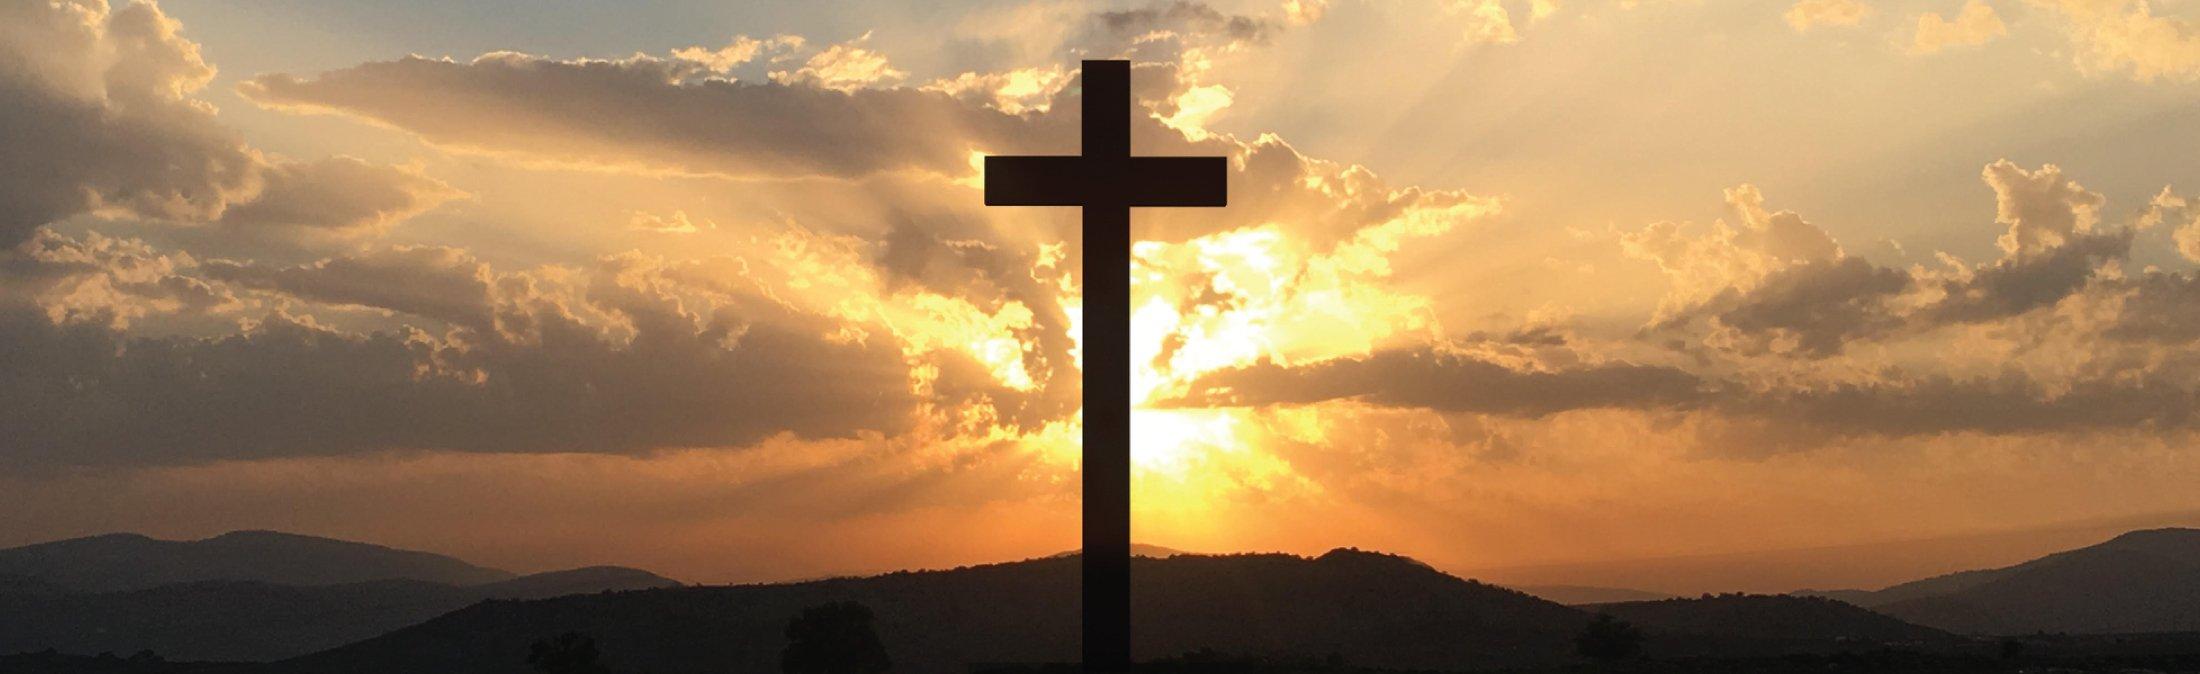 cross in horizon